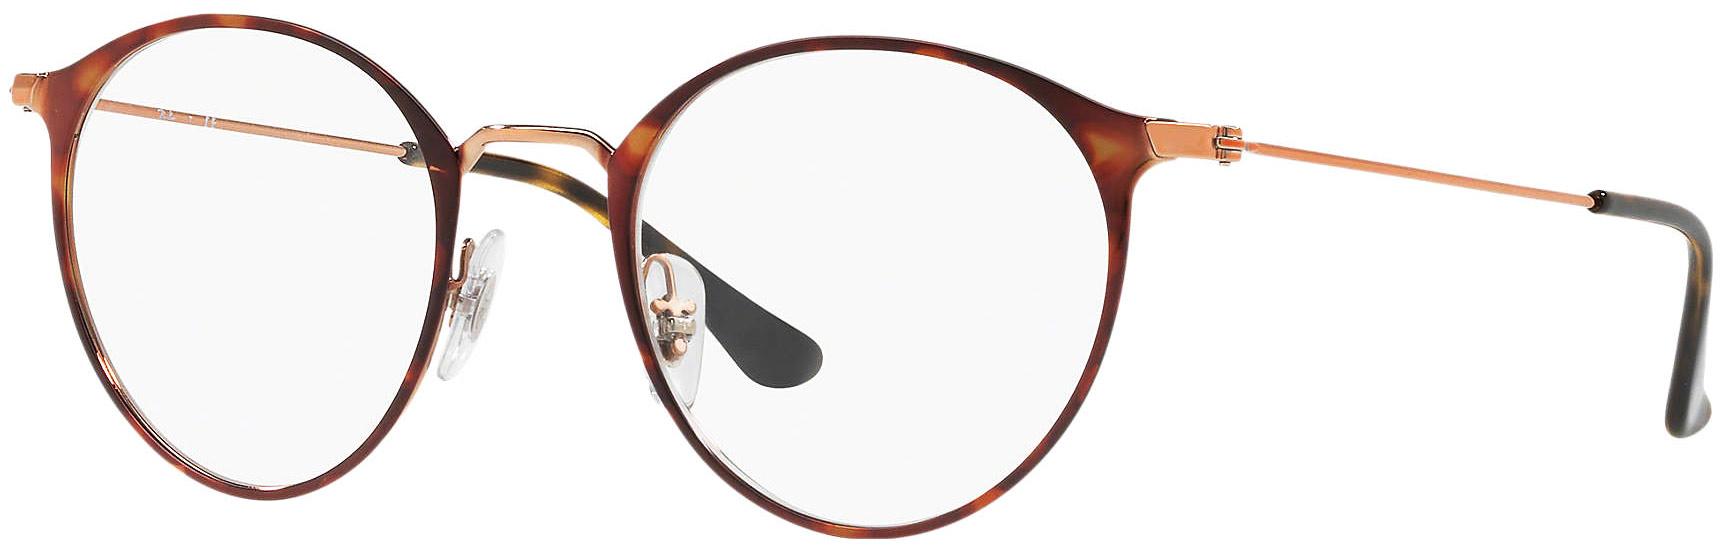 Очки Ray-Ban Ray Ban 0RX6378 2971 купить недорого в интернет-магазине  Ochkov.net. Доставка контактных линз по Ростову-на-Дону и Ростовской области 7ed841fdebb